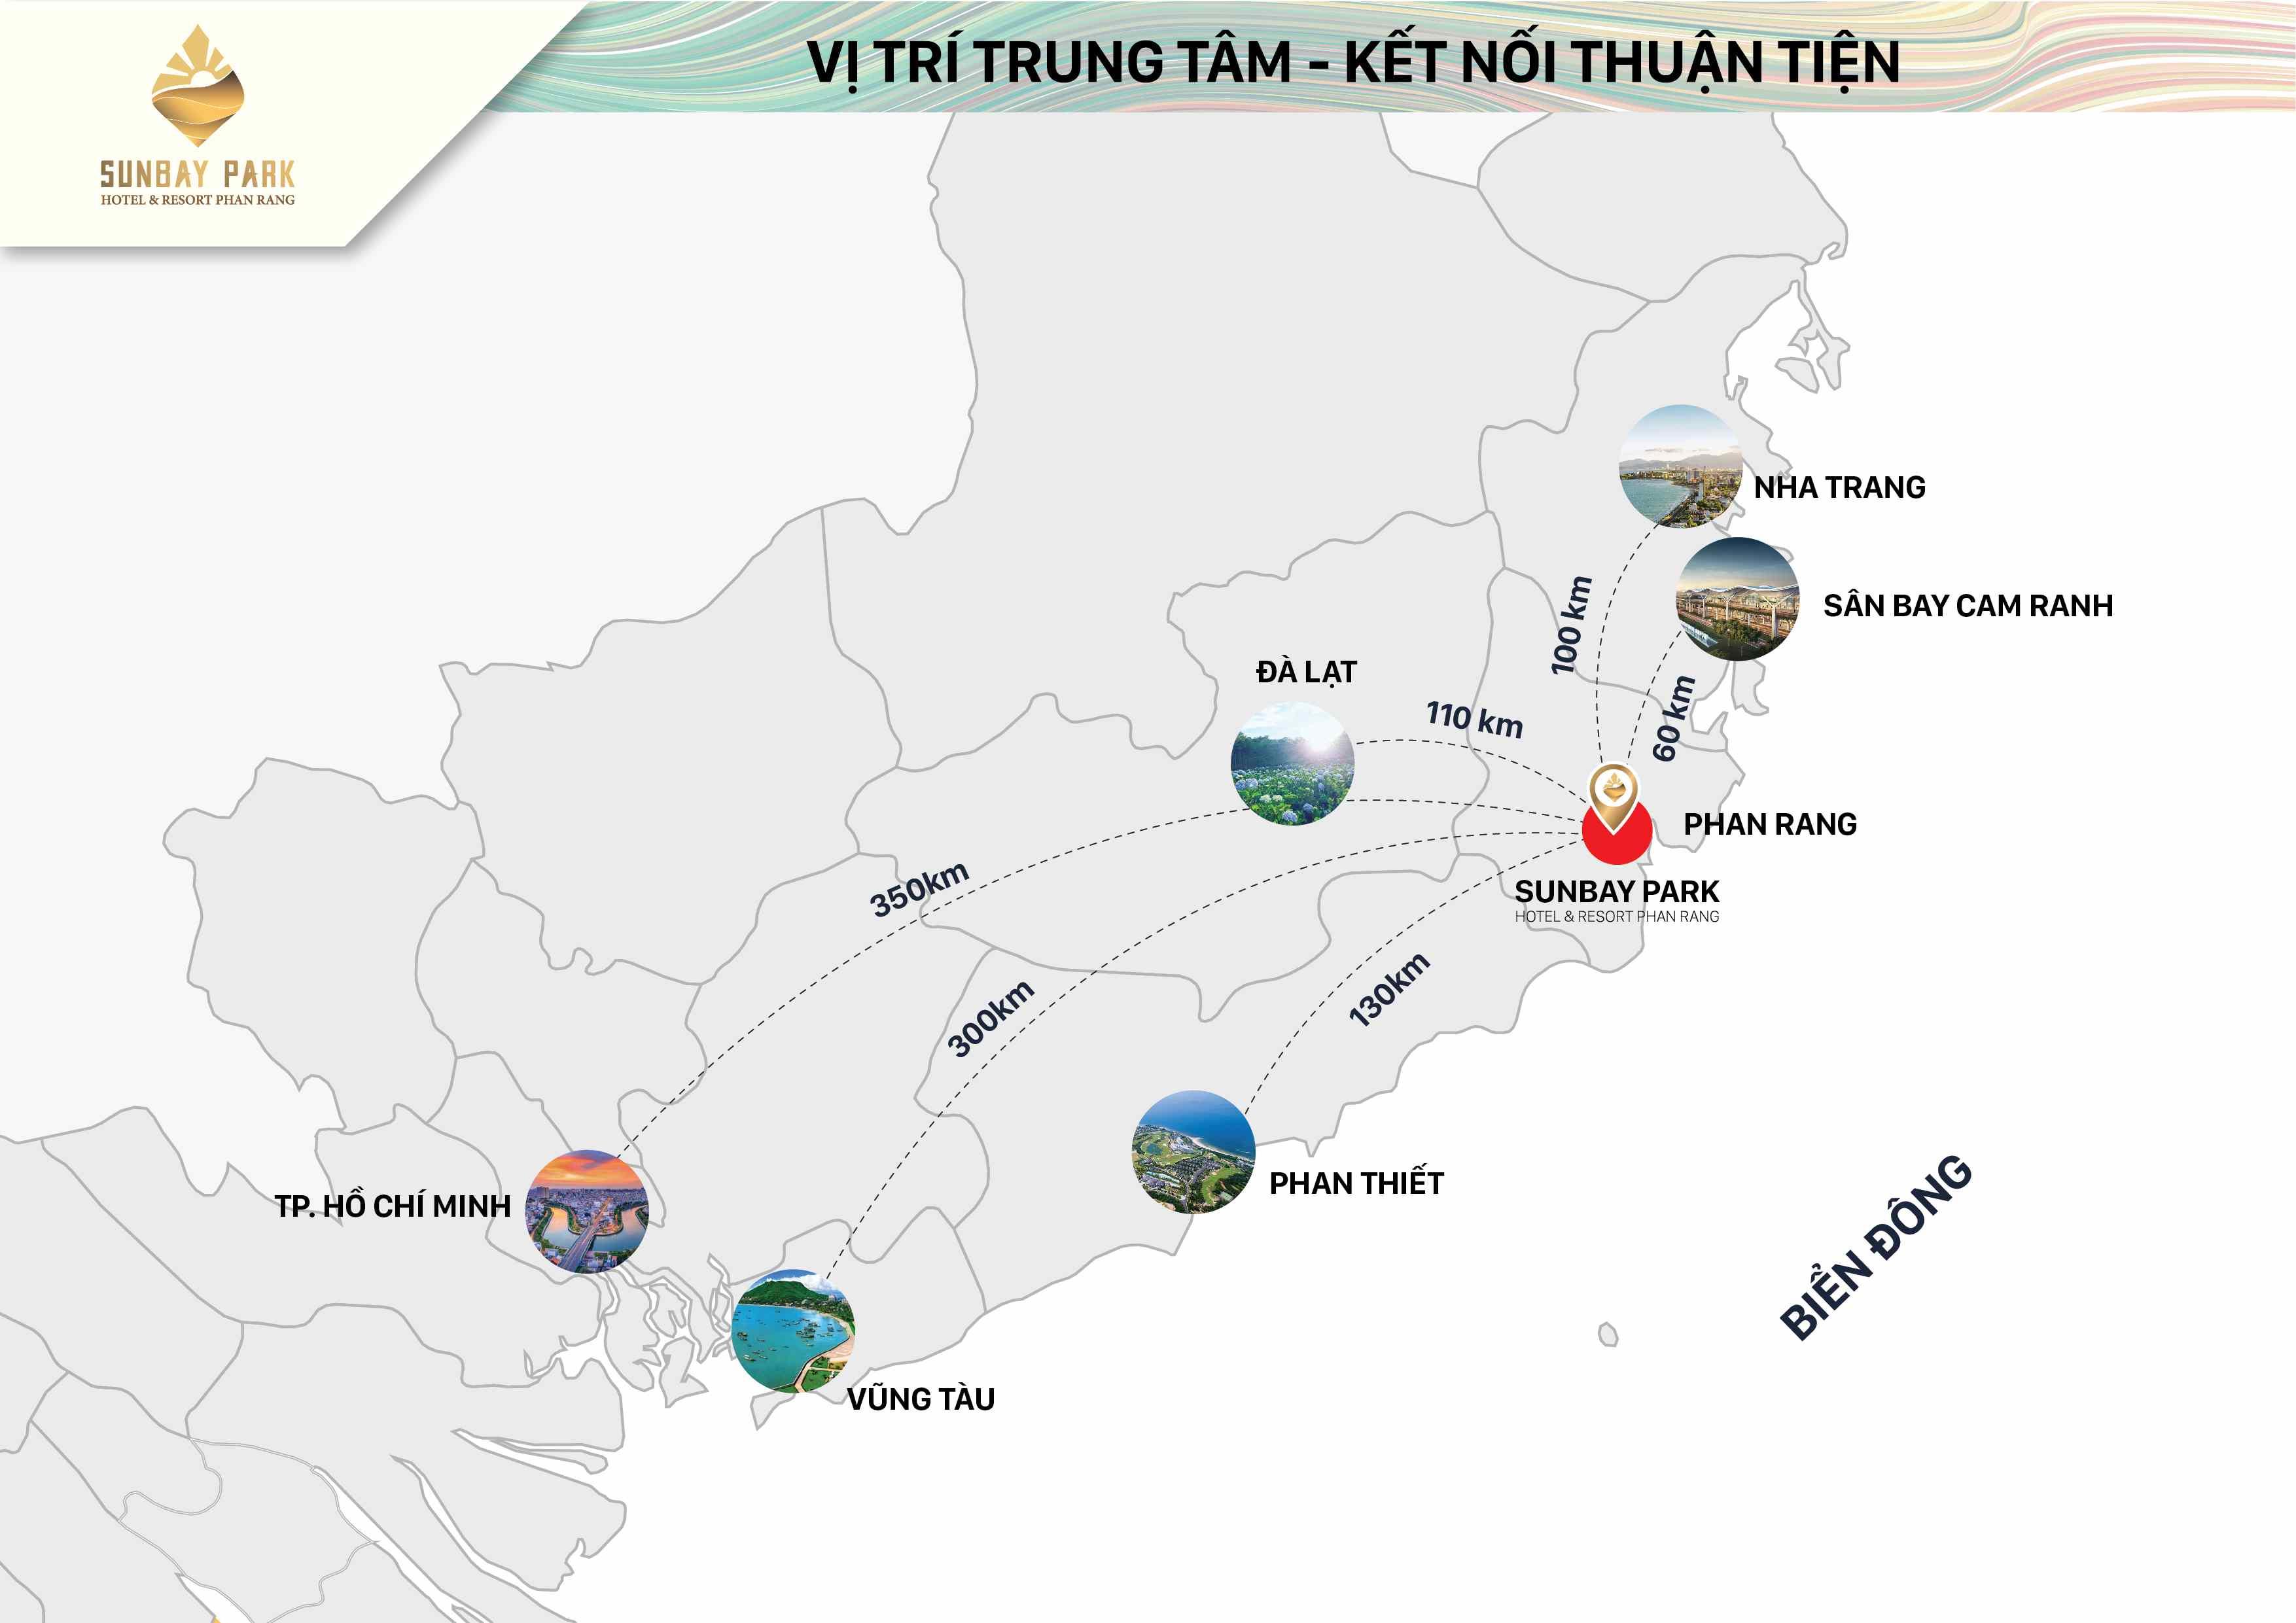 Bản đồ vị trí Sunbay Park Phan Rang Ninh Thuận